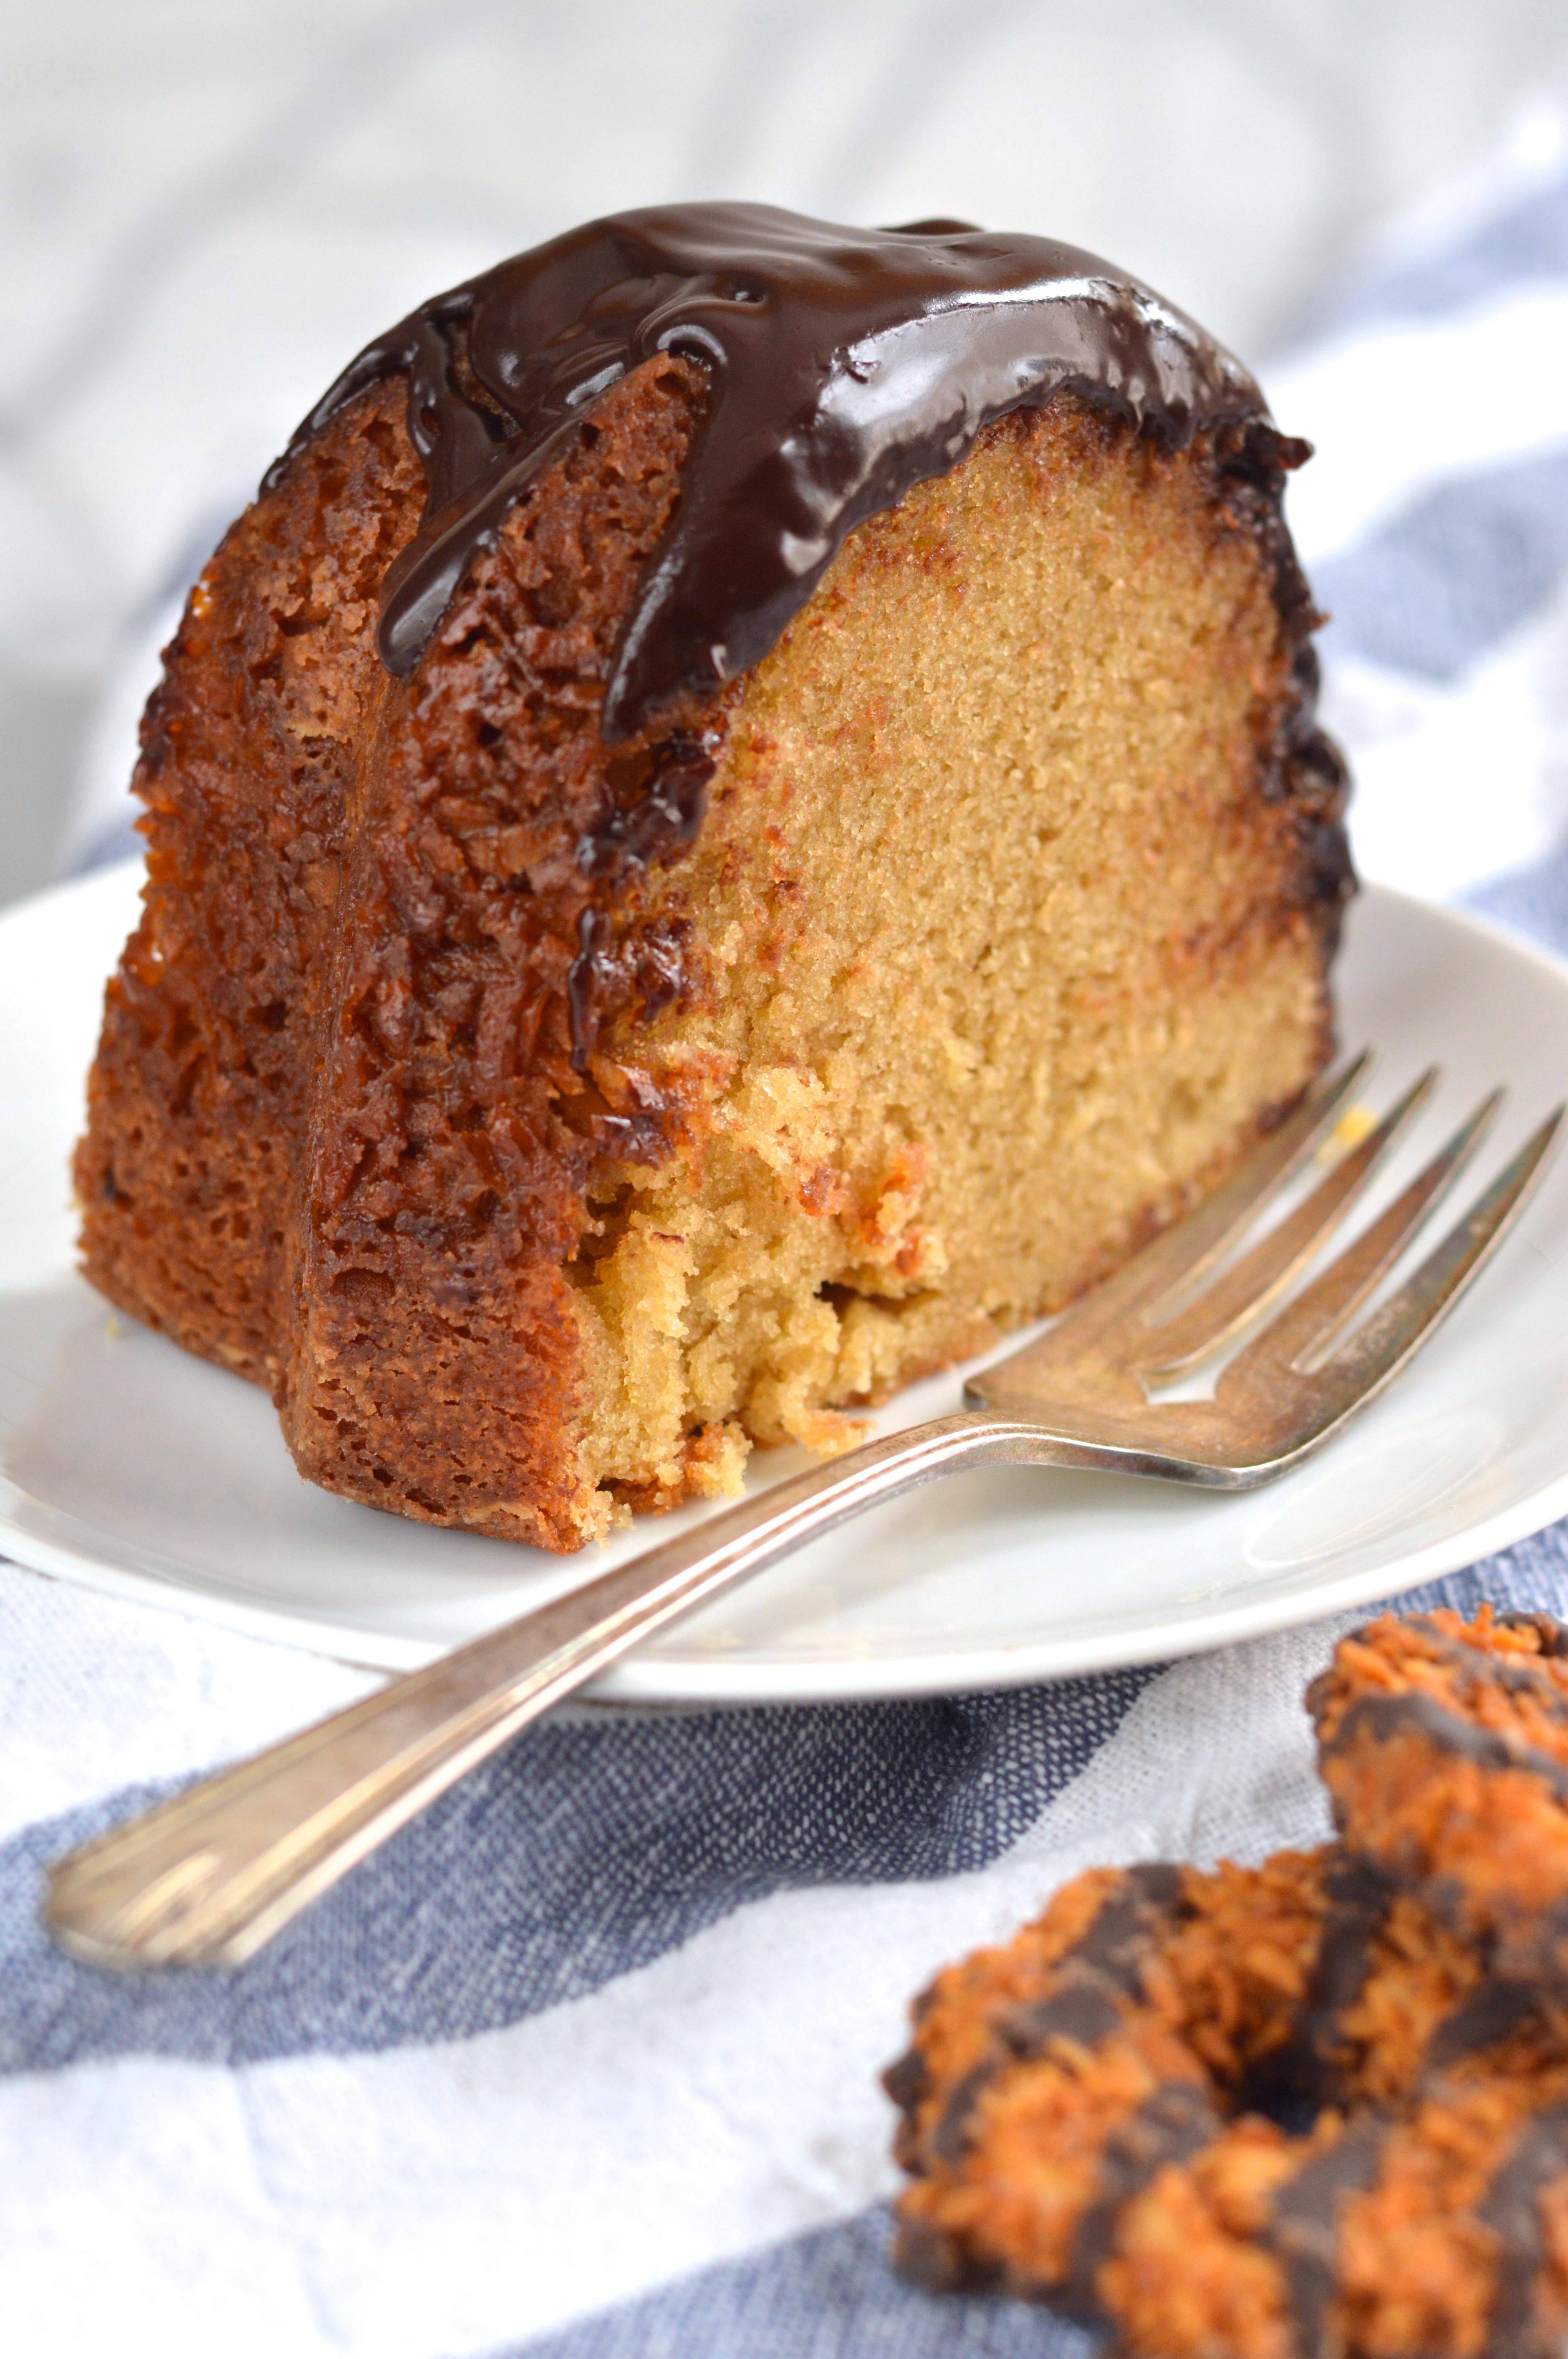 Brown Sugar Coconut Bundt Cake With Dark Chocolate Ganache